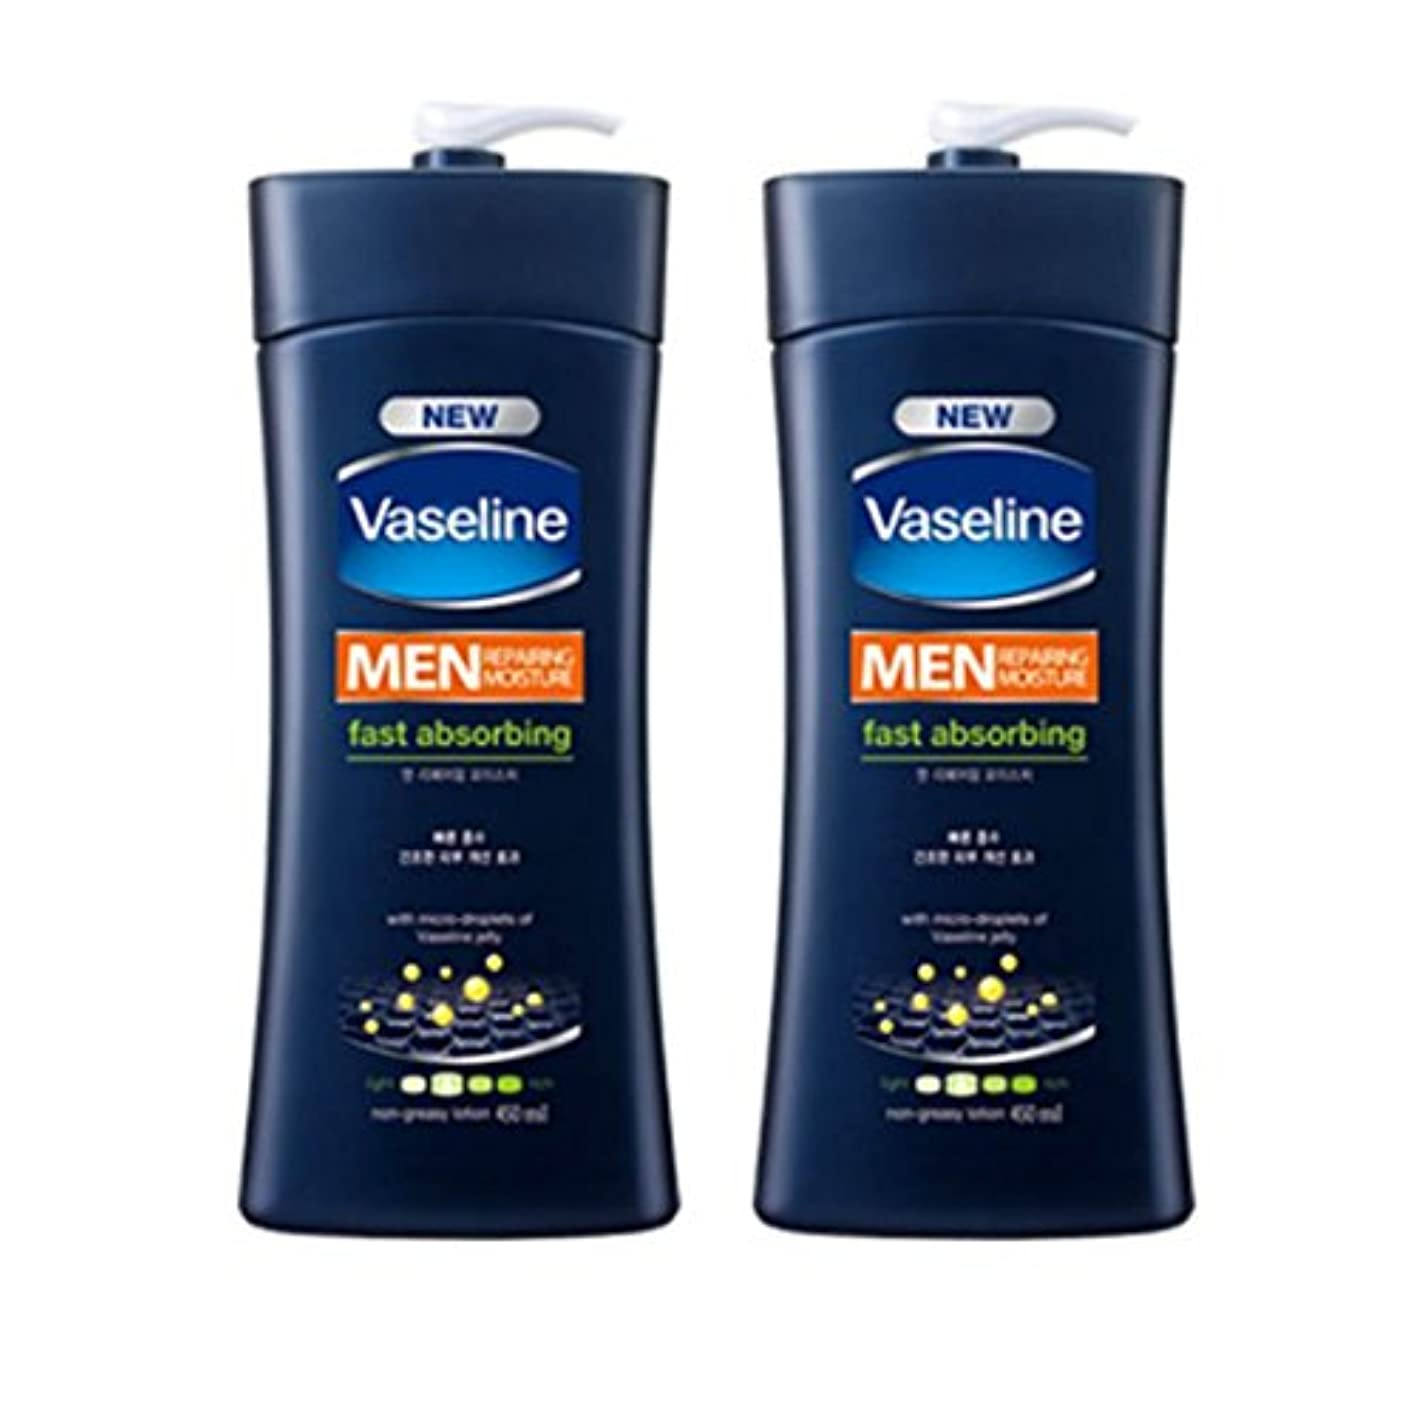 冒険者典型的な航空便ヴァセリン メンズ リペアリング モイスチャーローション(Vaseline Man Repairing Moisture Lotion) 450ml X 2個 [並行輸入品]